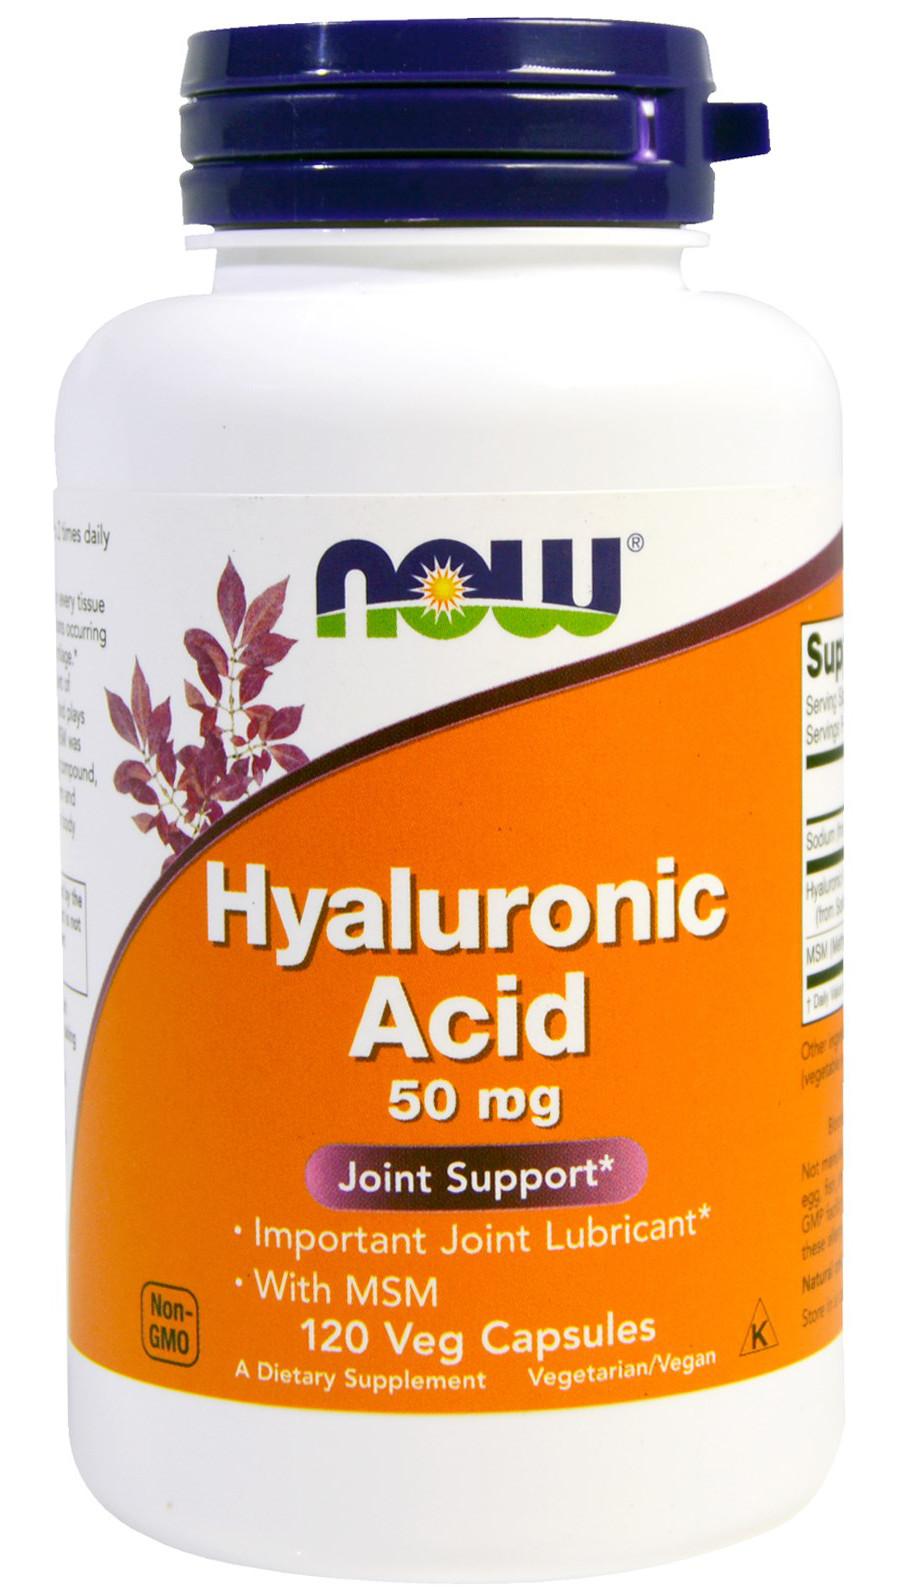 Hyaluronic Acid with MSM, 50mg - 120 vcaps versandkostenfrei/portofrei bestellen/kaufen